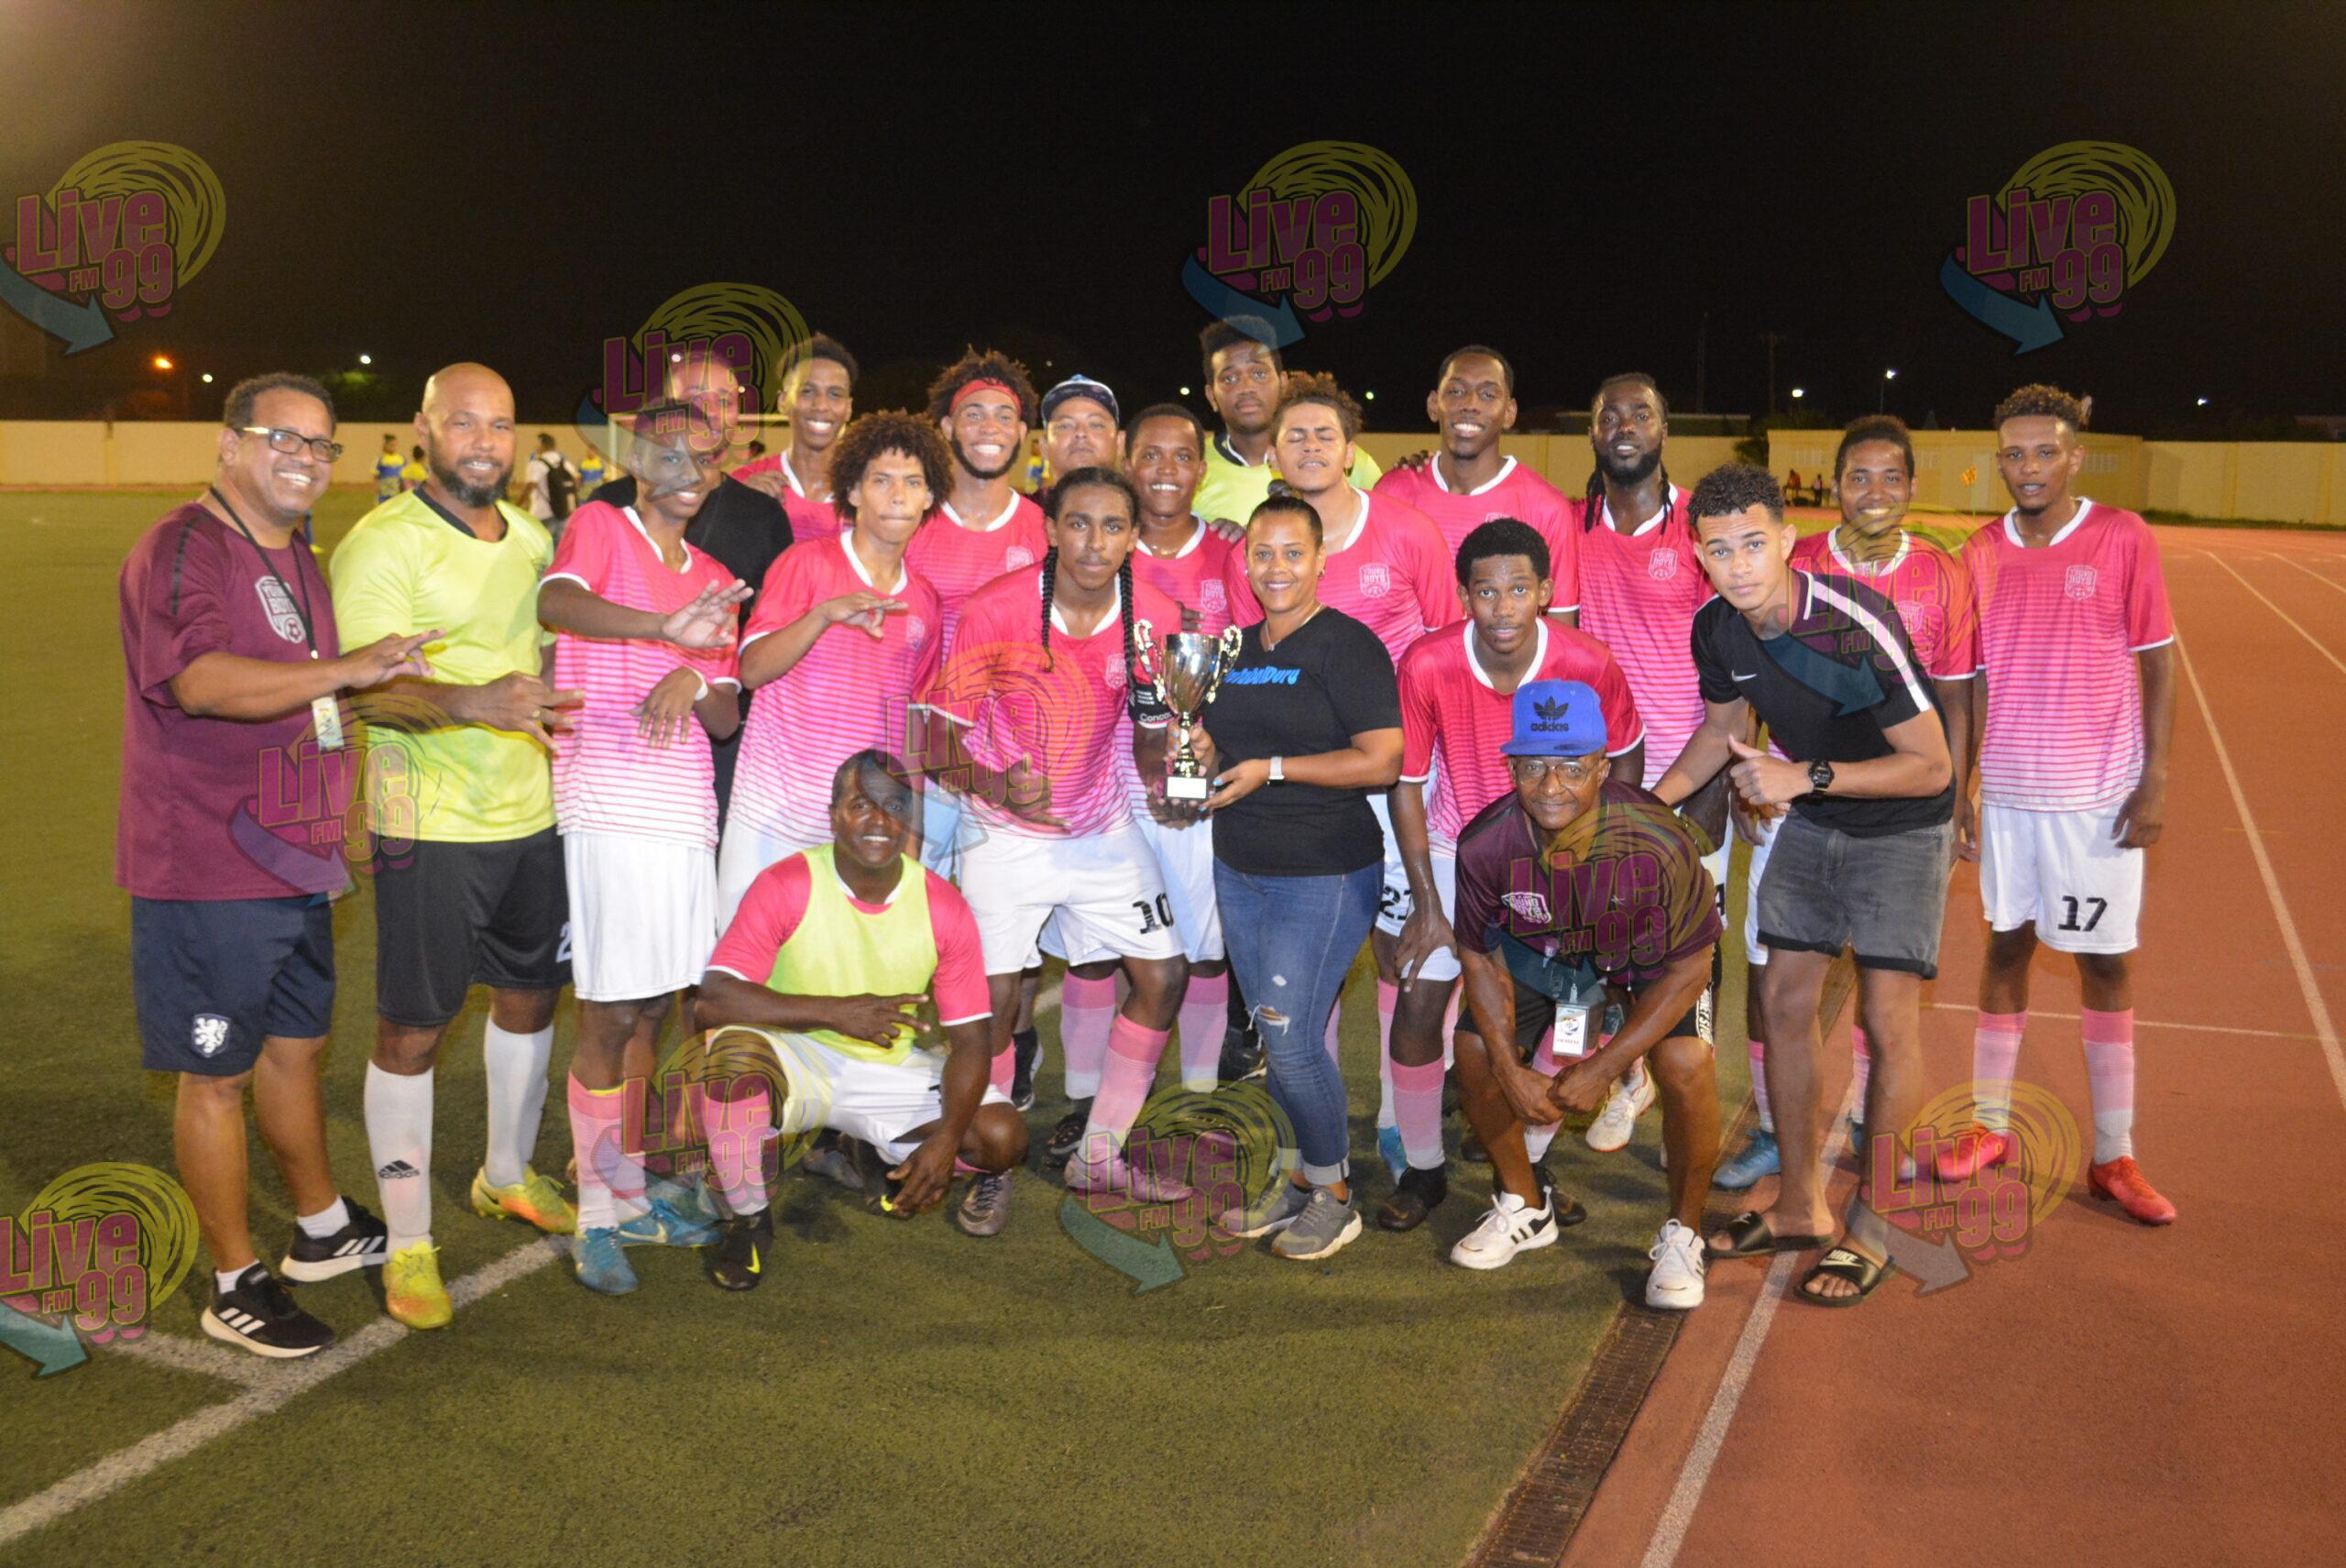 YOUNG BOYS DI TRES LUGÁ TITANS CUP 2020